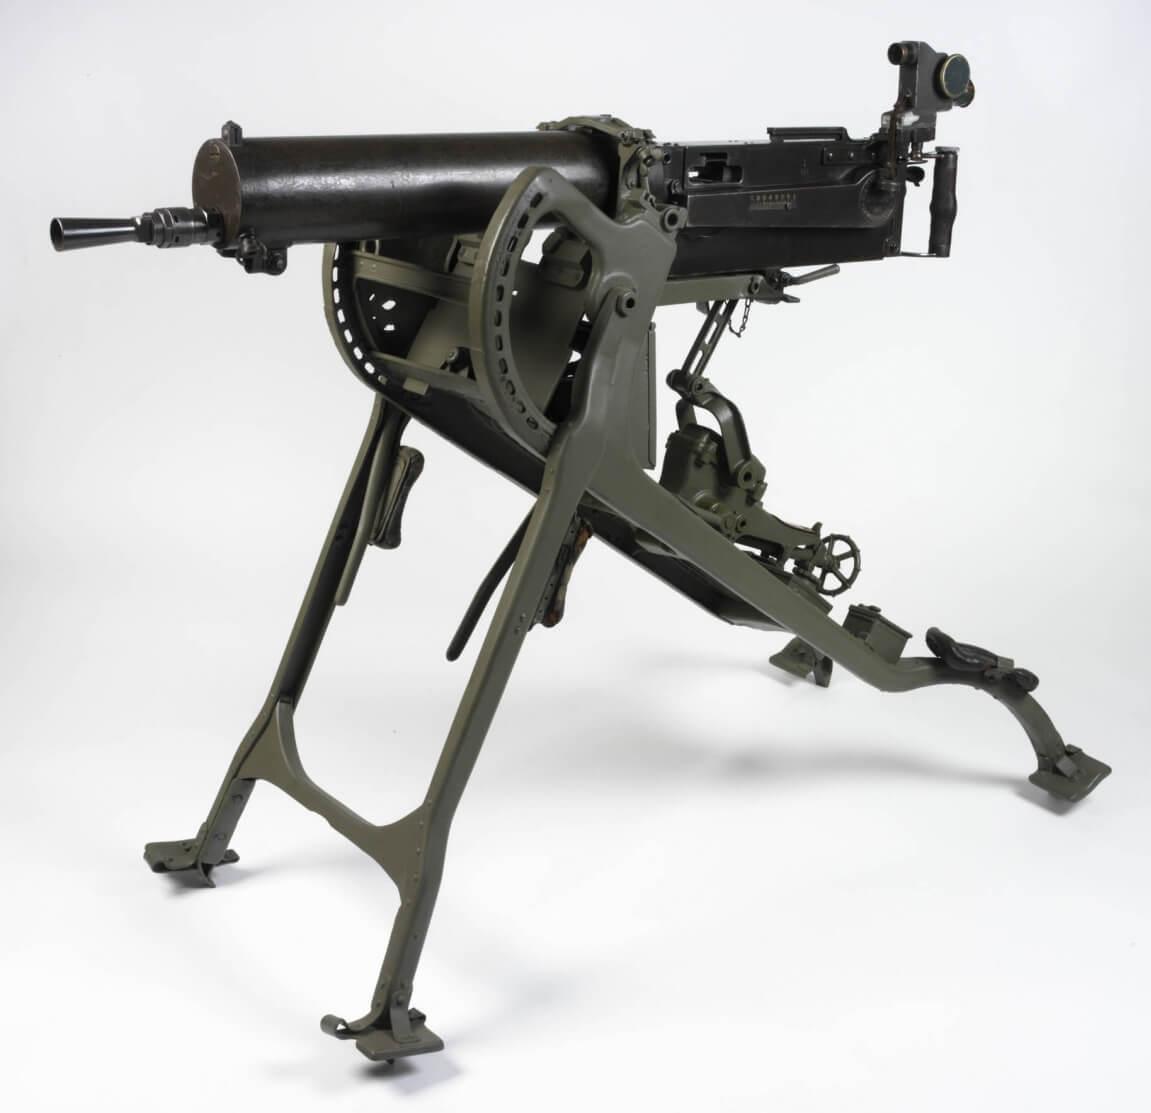 German Maschinengewehr 08